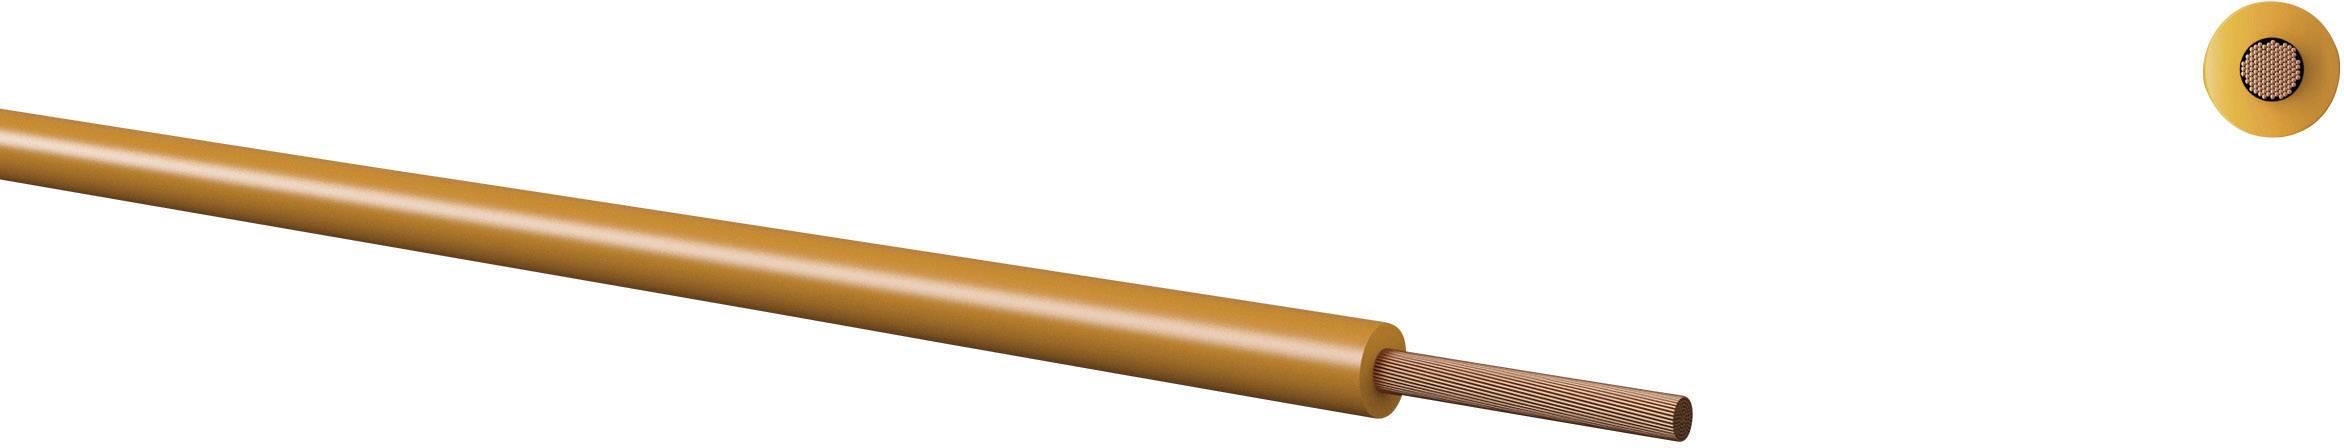 Opletenie / lanko Kabeltronik 160102503 LiFY, 1 x 0.25 mm², vonkajší Ø 1.40 mm, metrový tovar, zelená